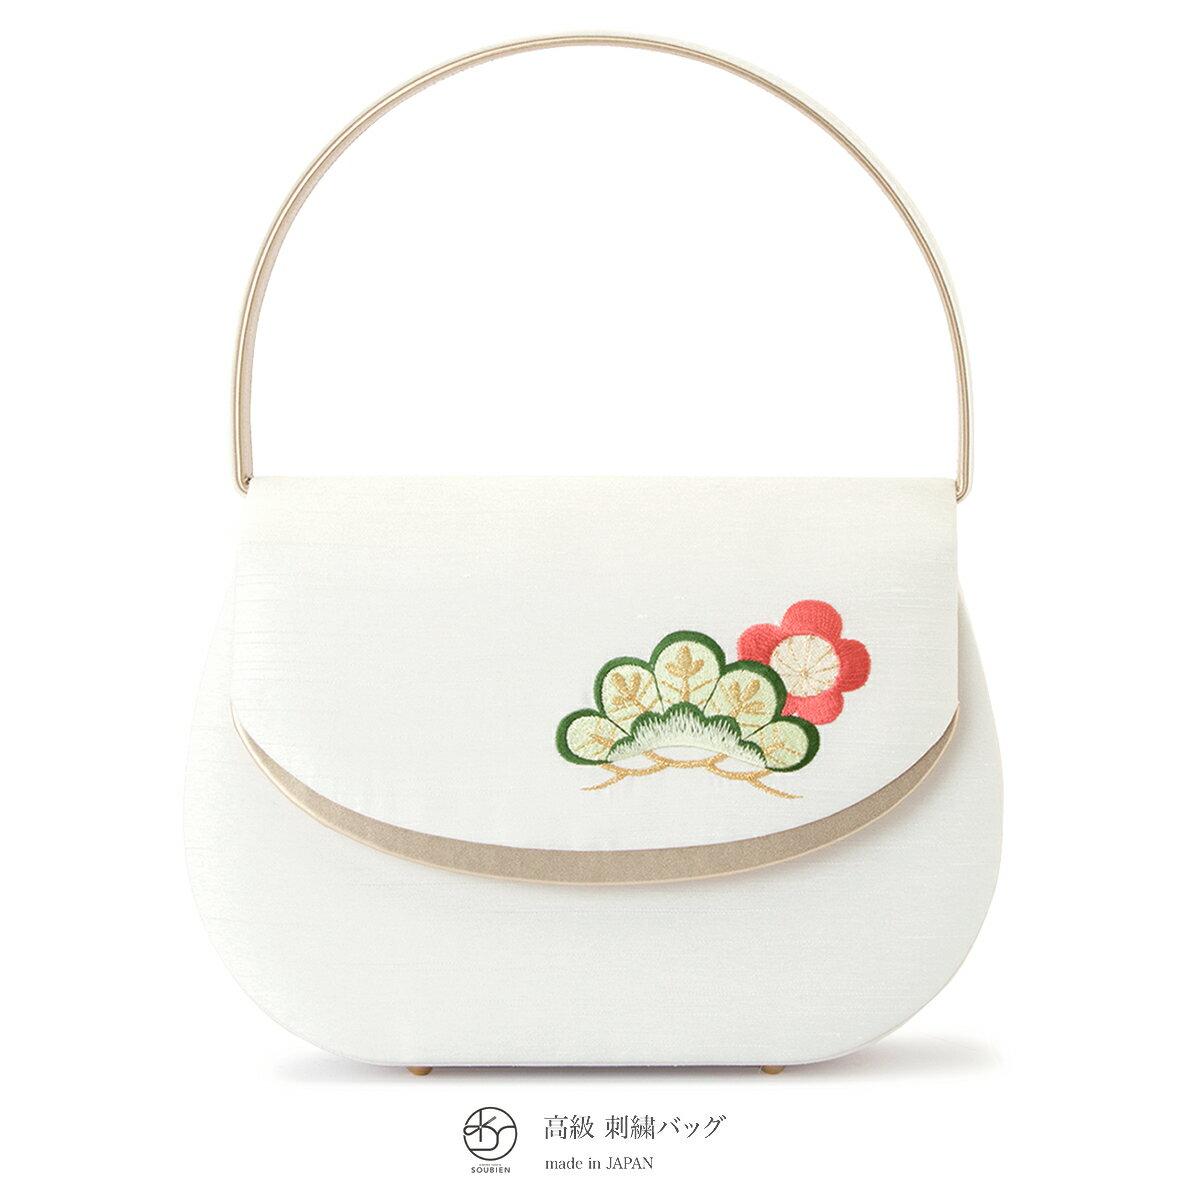 バッグ 白 ホワイト 梅 うめ 松 まつ 花 刺繍 かばん 鞄 振袖用 成人式用 日本製 【送料無料】【あす楽対応】